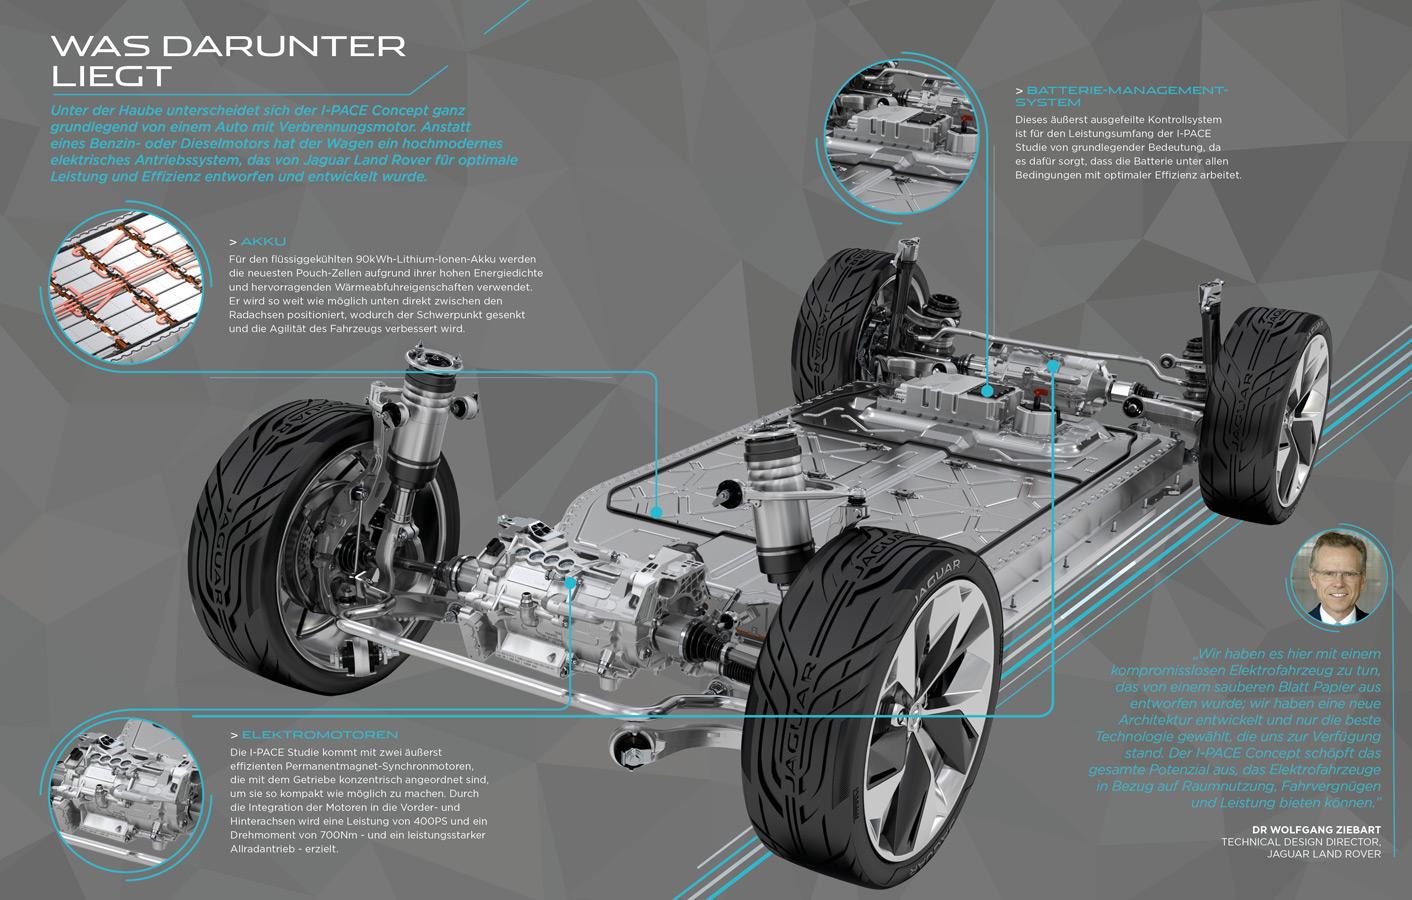 Berühmt Wie Funktionieren Elektroautos Bilder - Elektrische ...